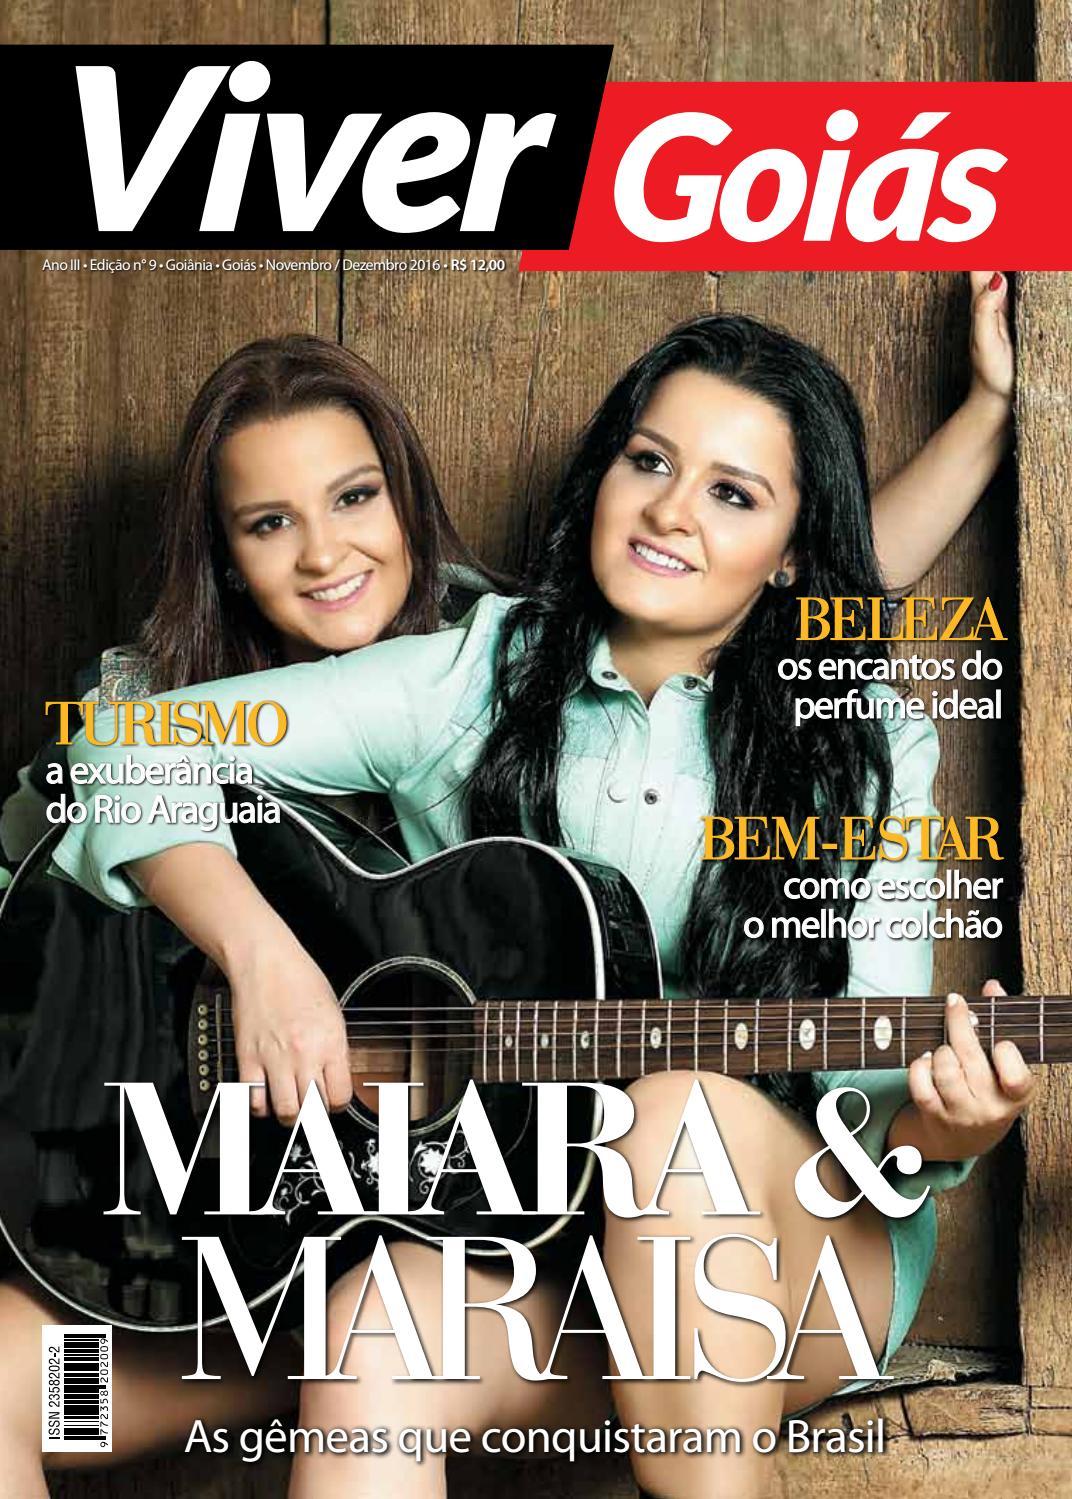 efca5fbea Revista Viver Goiás Edição 9 by Viver Goiás - issuu